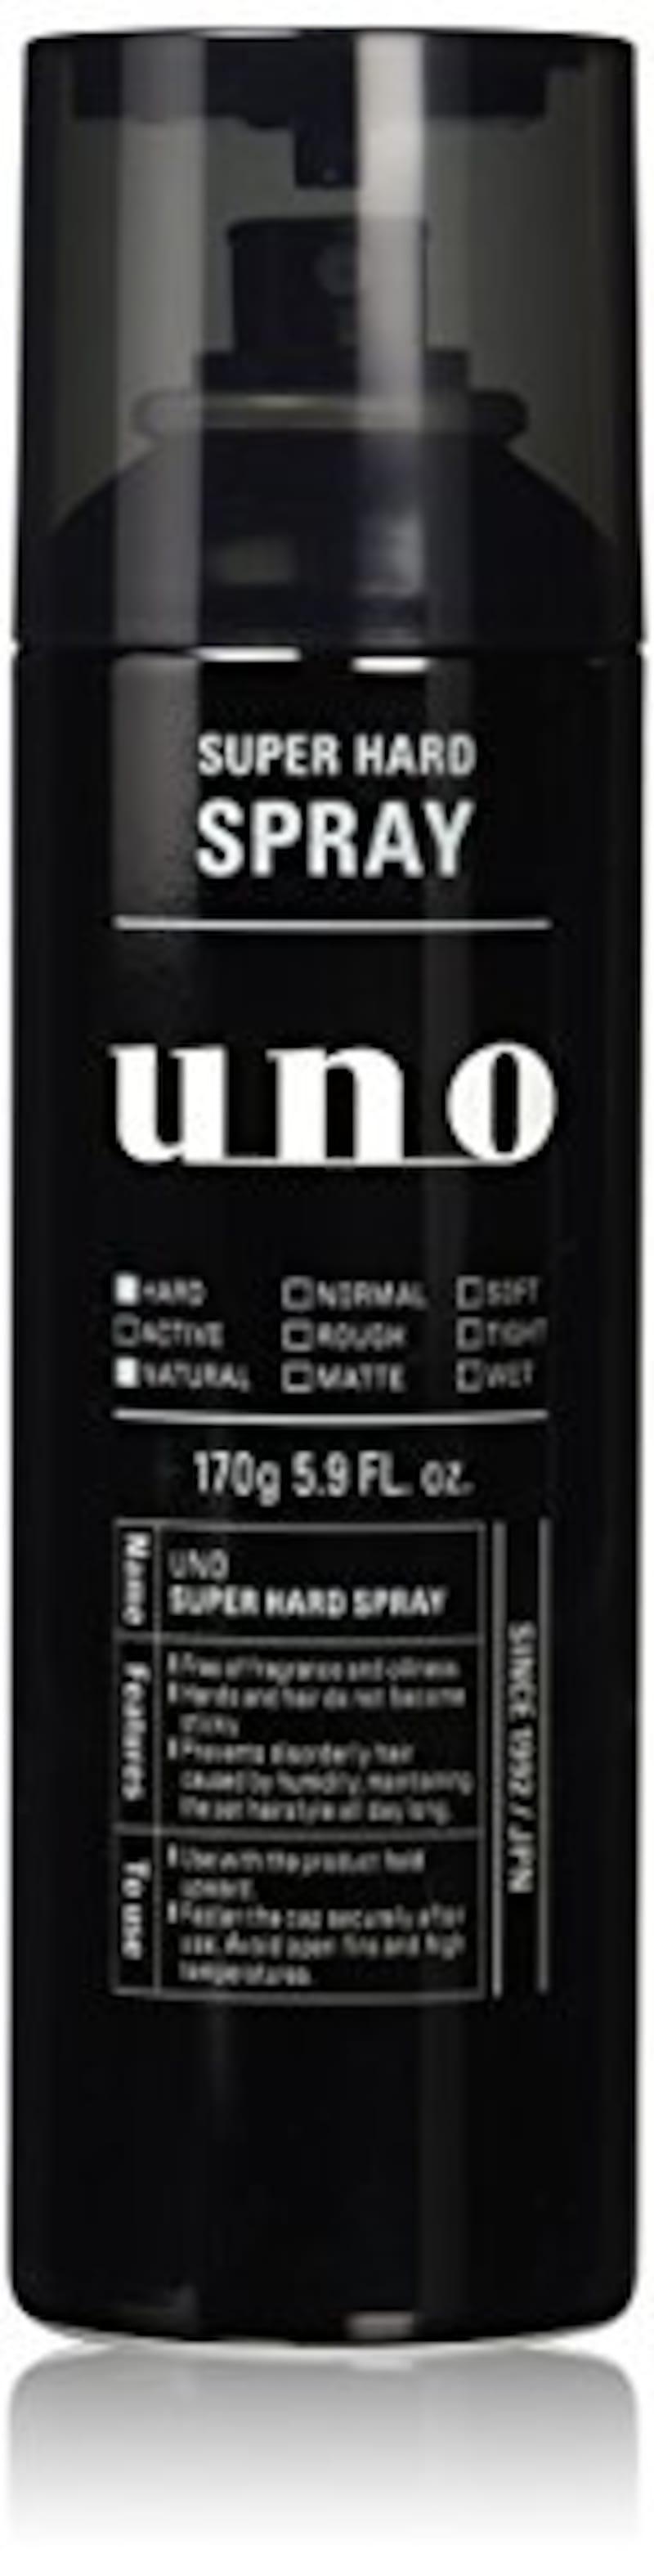 UNO(ウーノ),スーパーハード スプレー